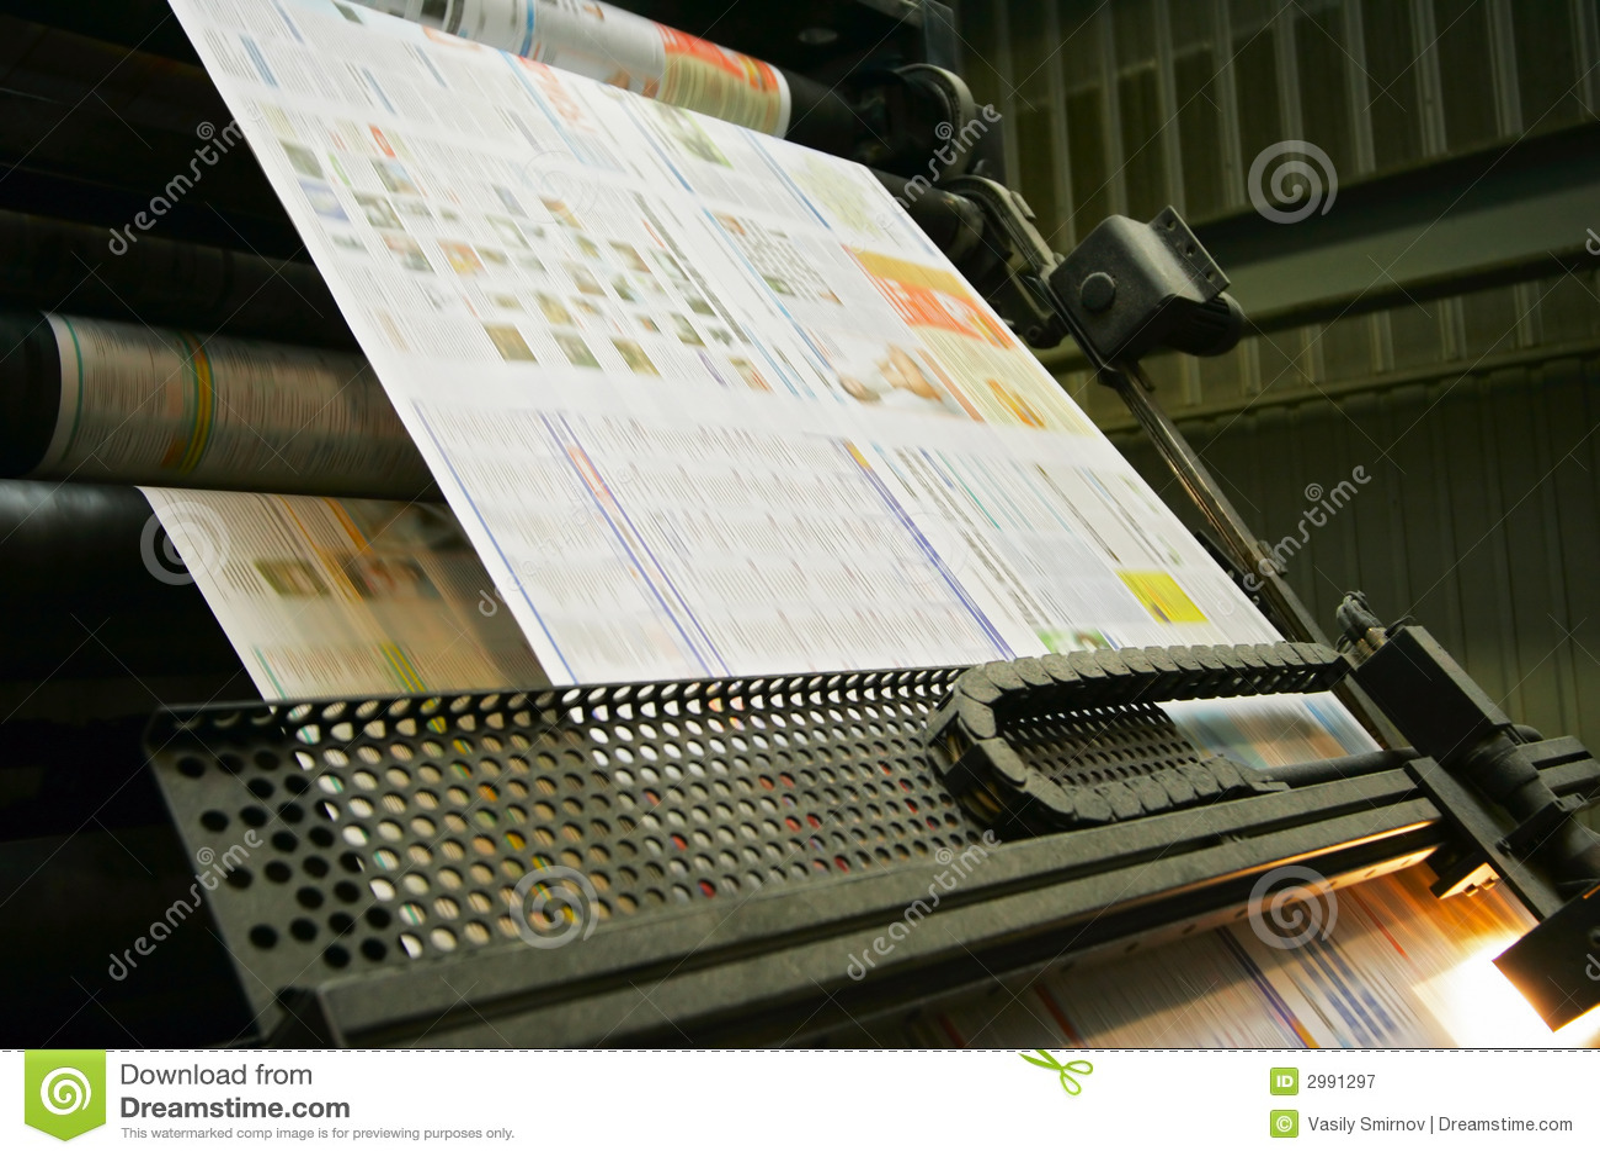 Druckenpresse